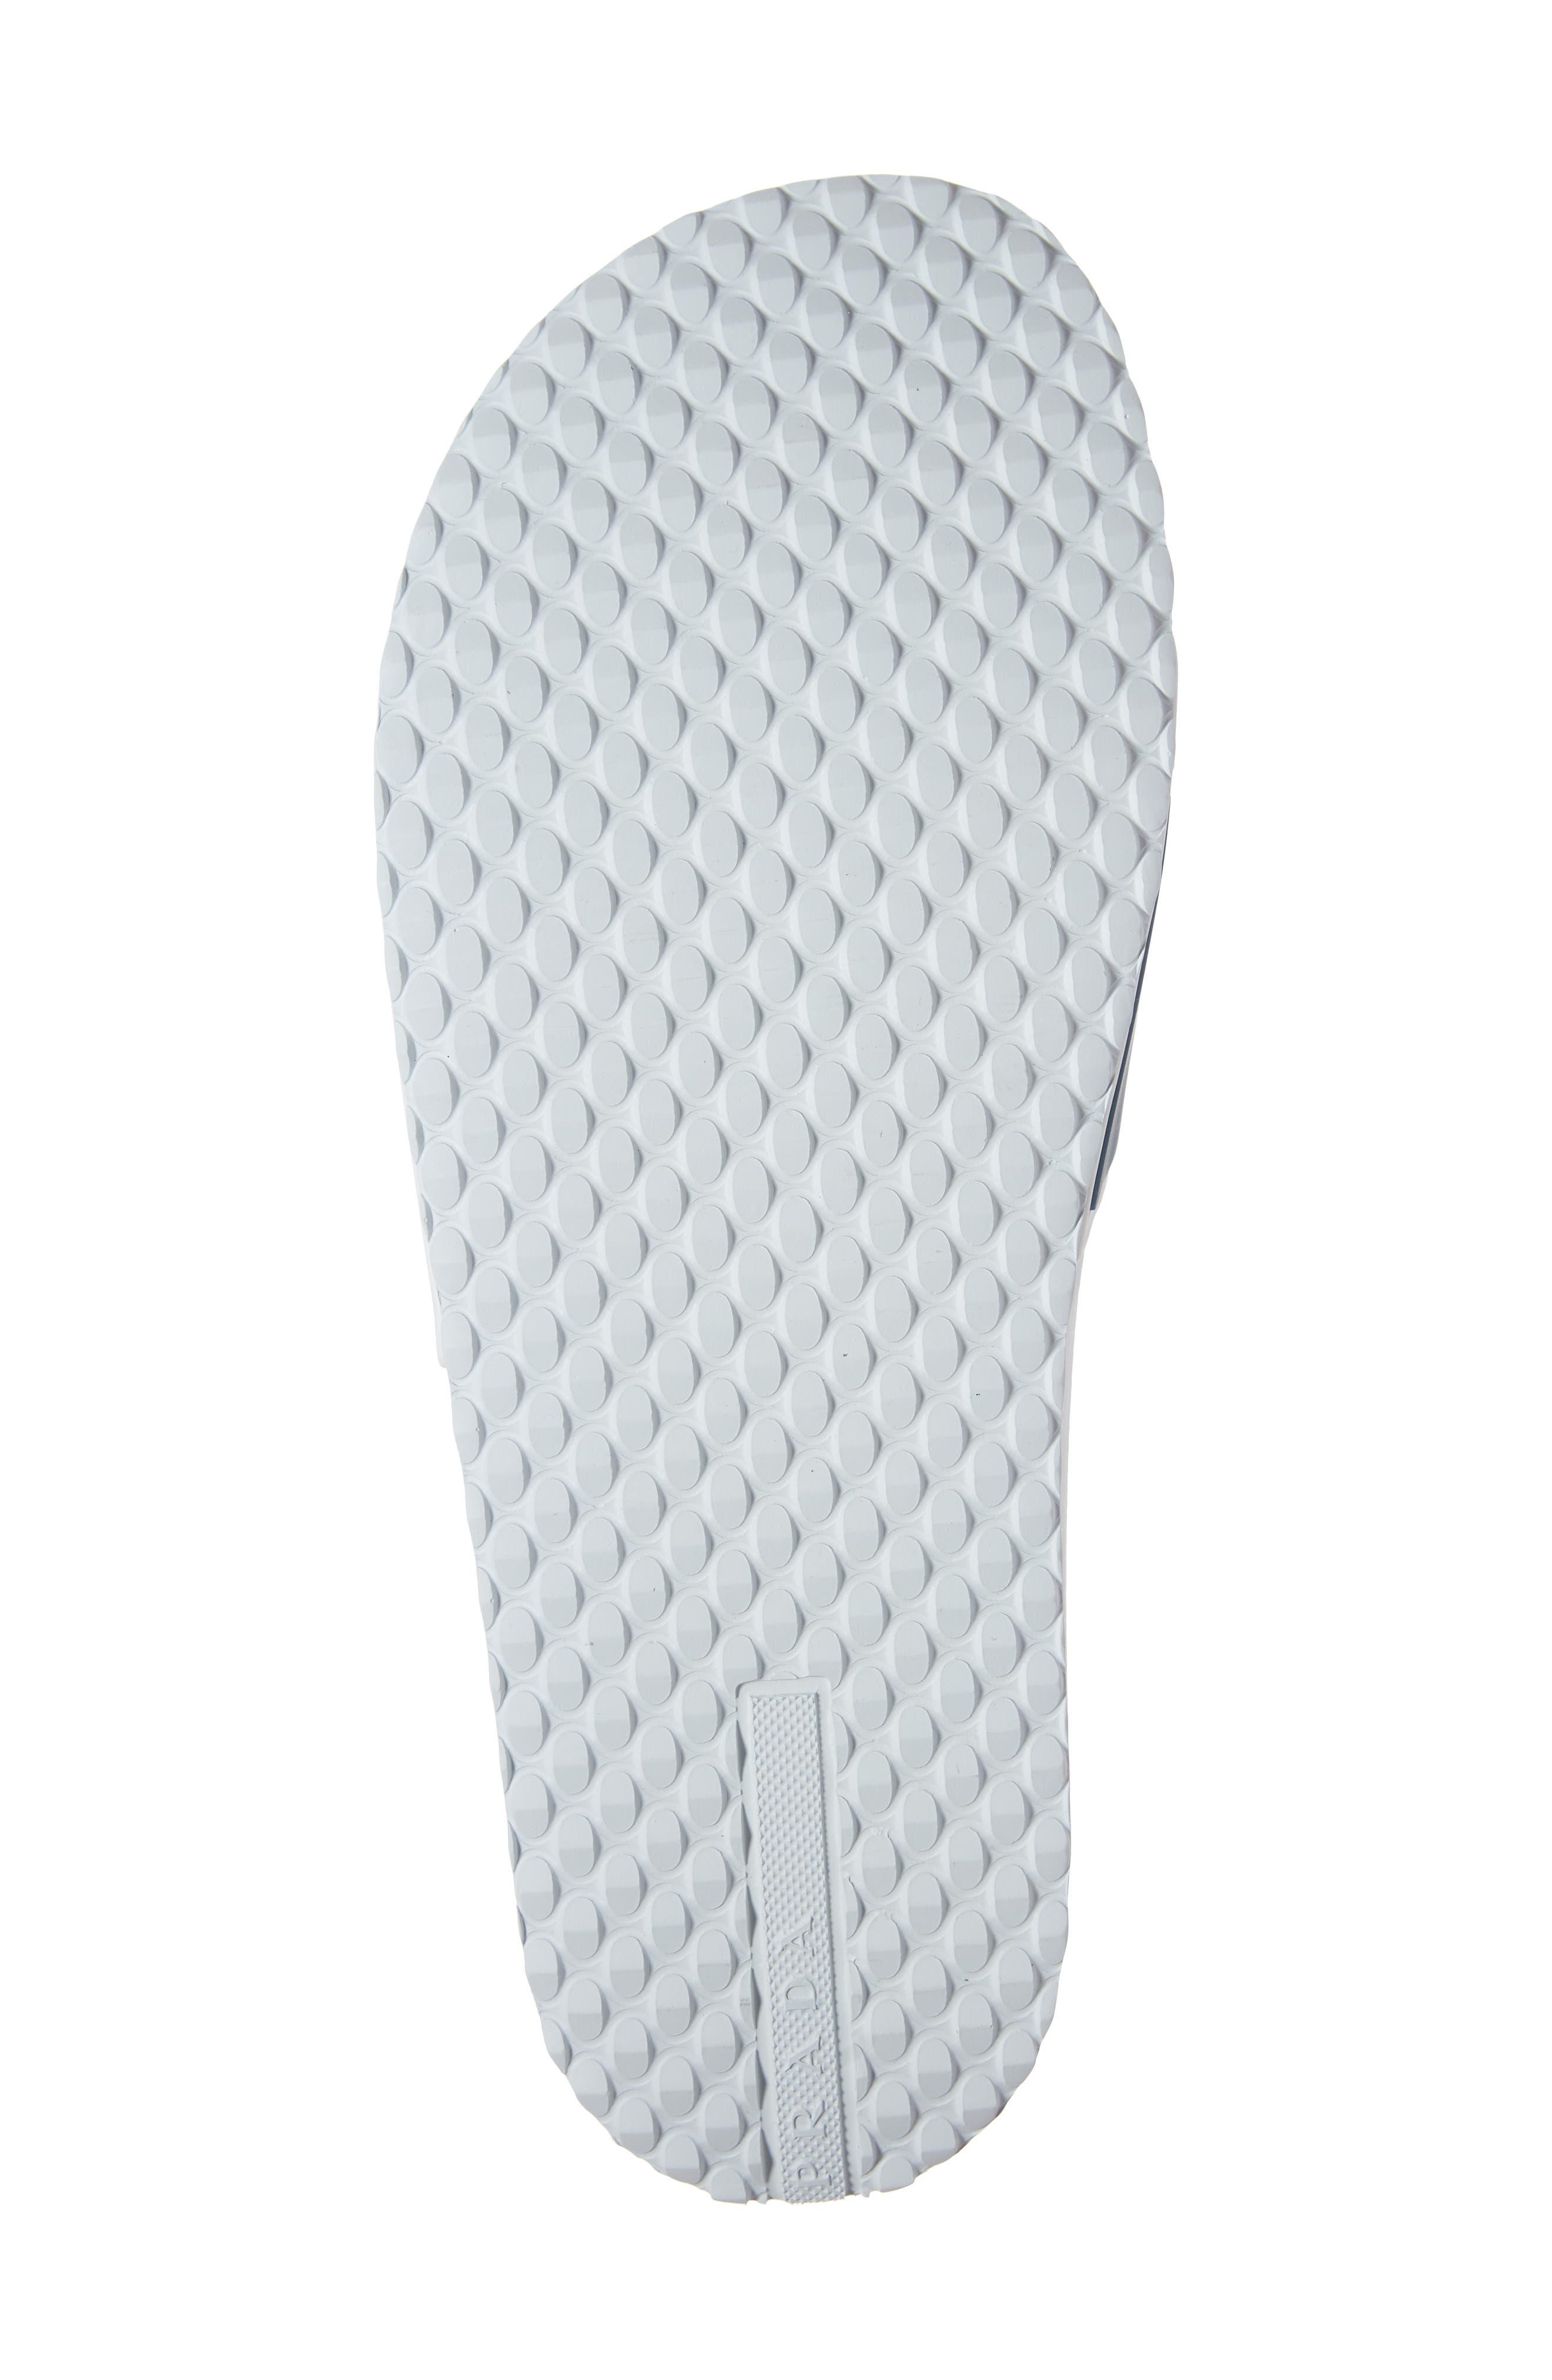 Linea Rossa Logo Slide Sandal,                             Alternate thumbnail 6, color,                             WHITE/ BLUE